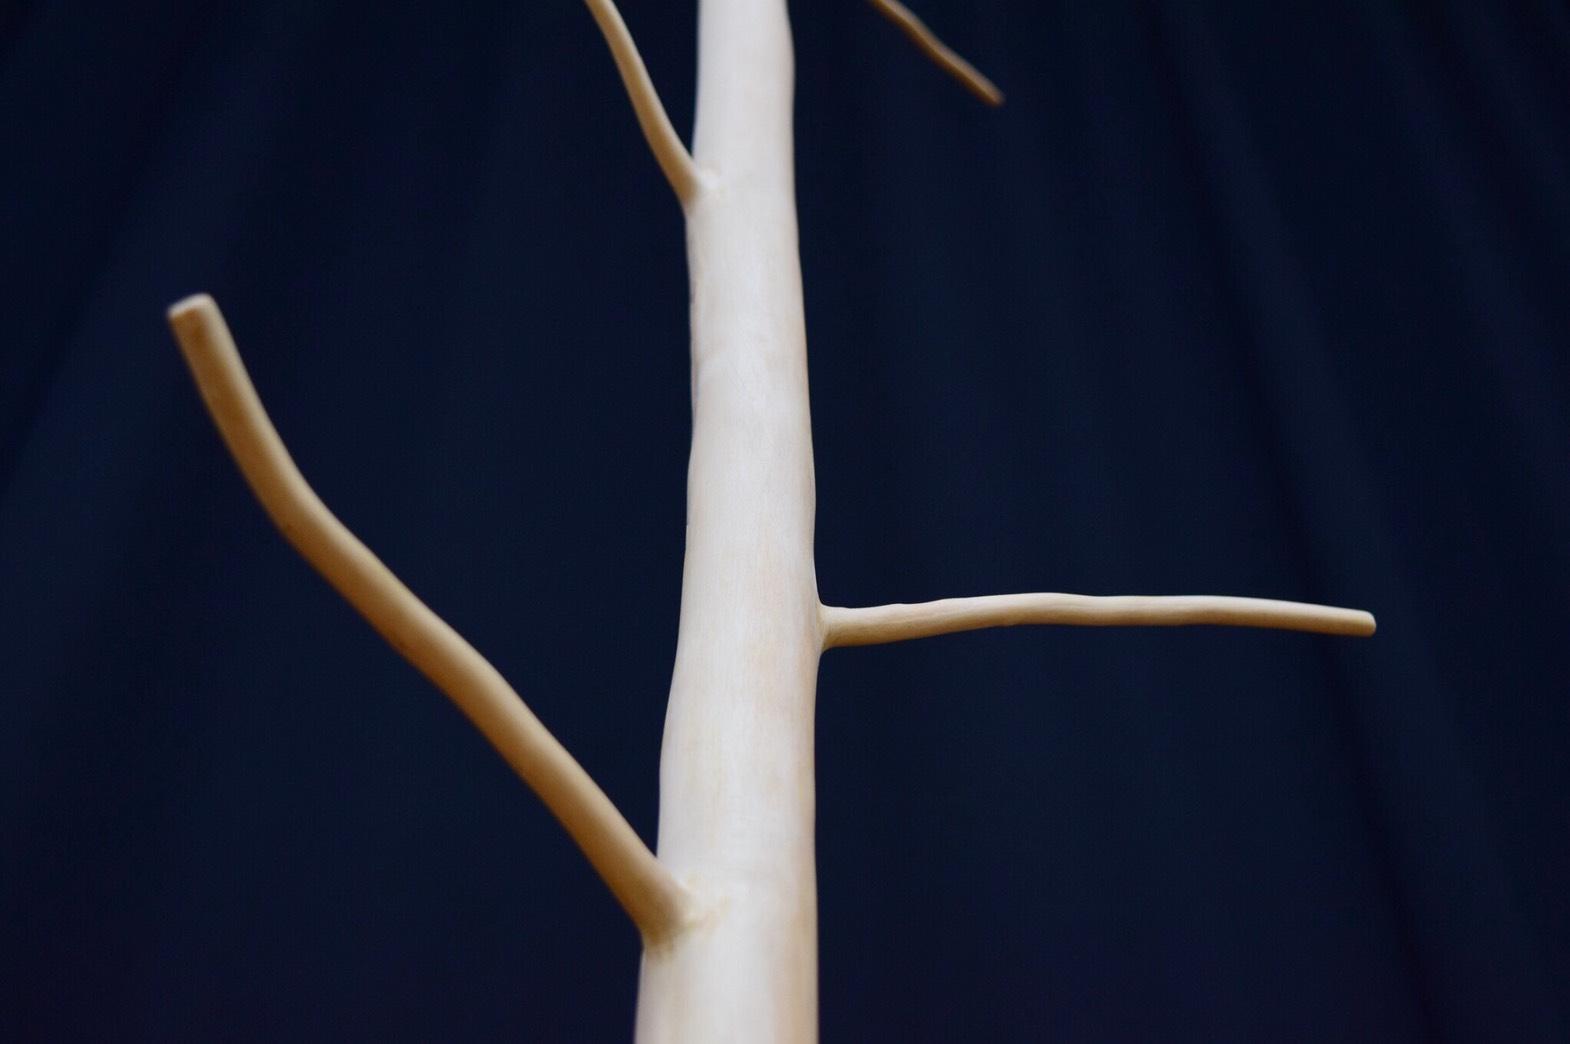 【芦北高校林業科】使い方は無限大!自然そのものを生かしたなんでもかけれるインテリア「なんでもかけ」!